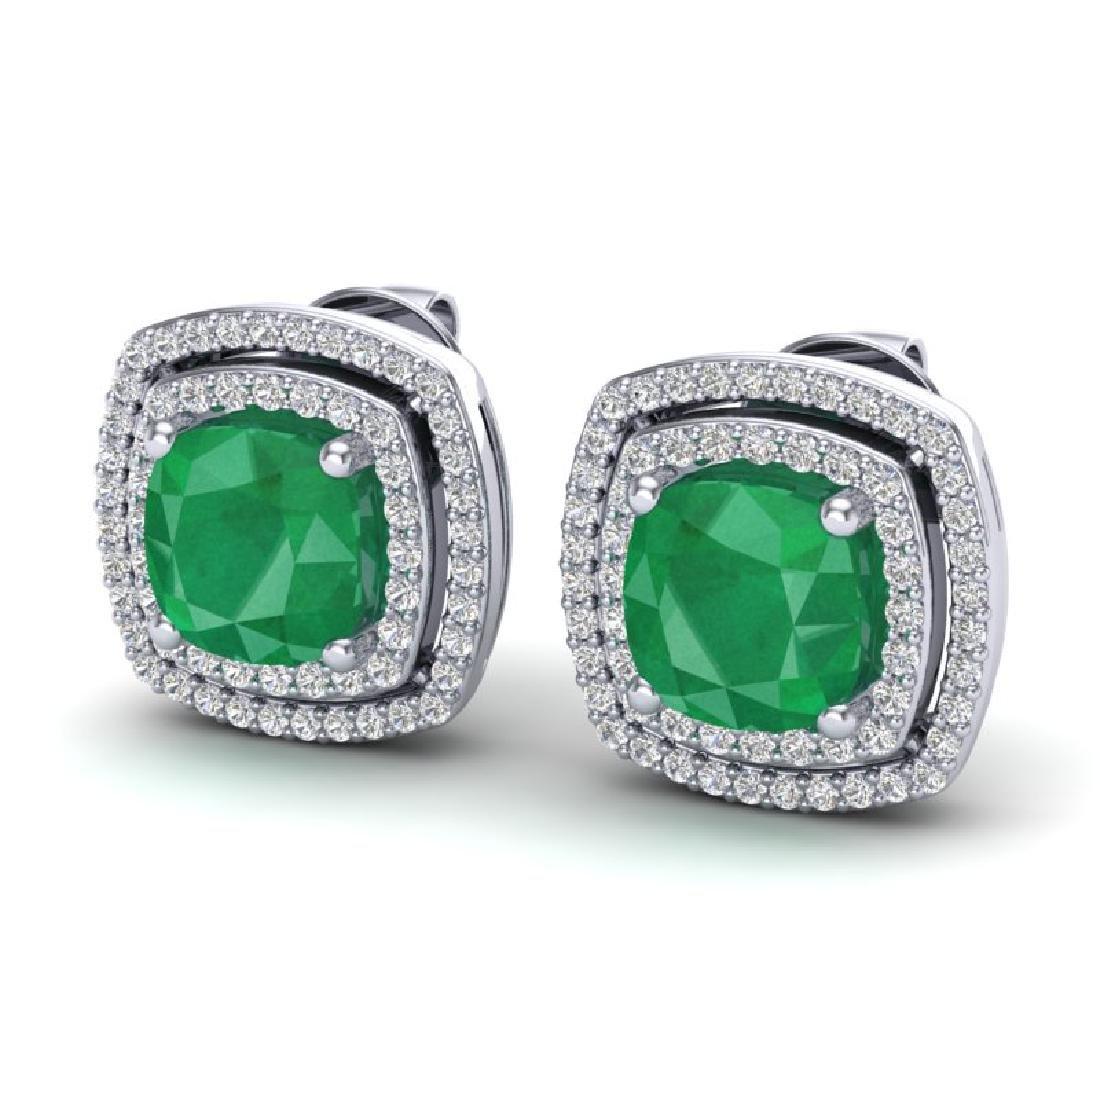 4.95 CTW Emerald & Micro Pave VS/SI Diamond Halo